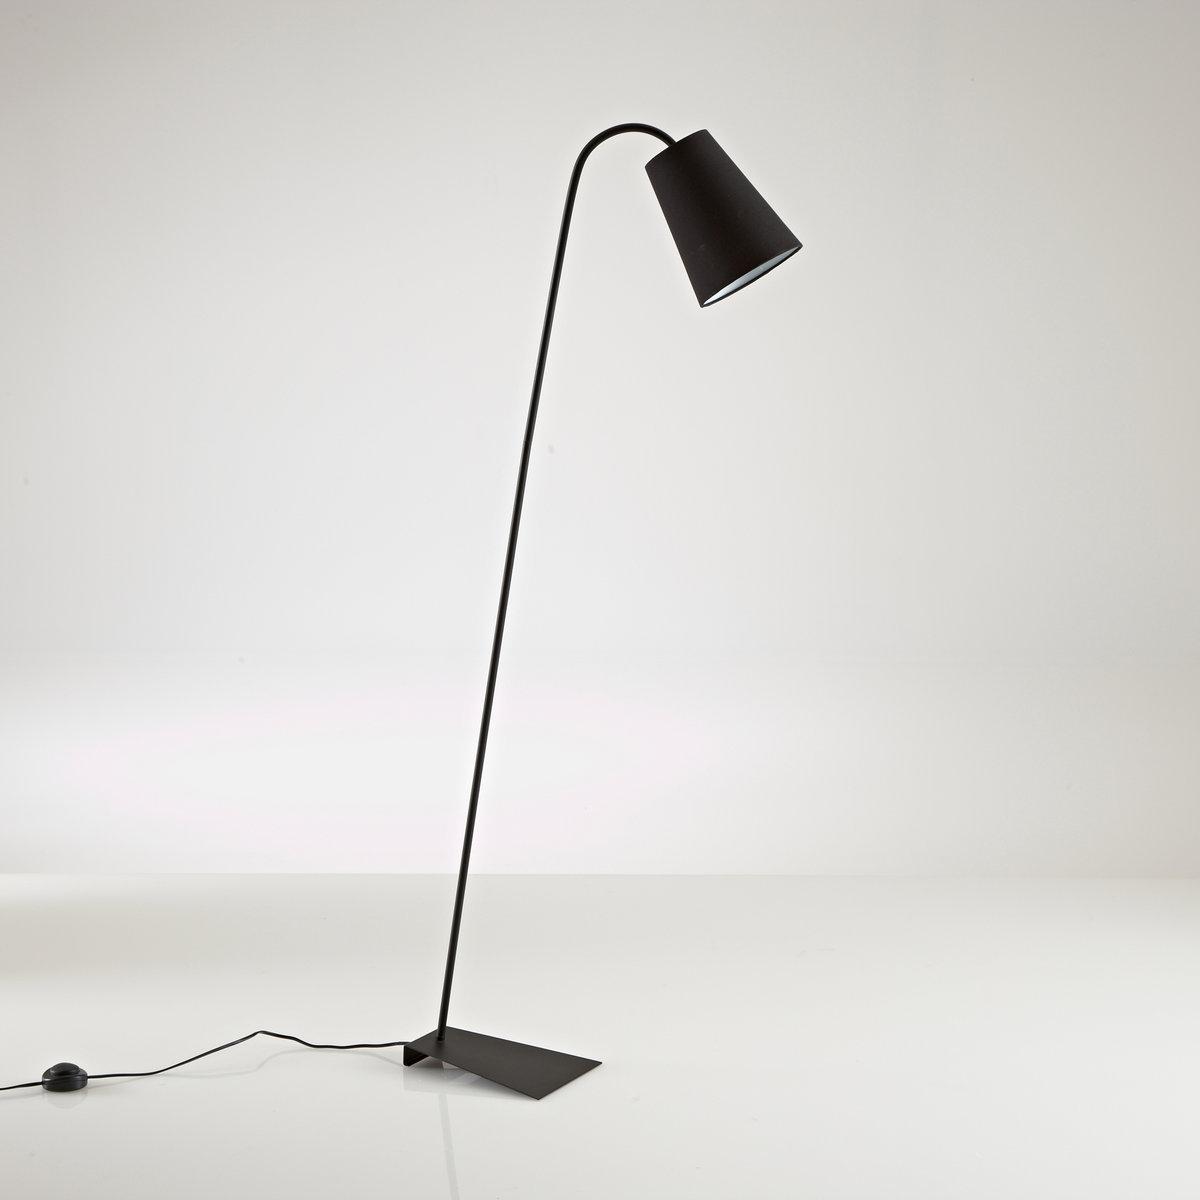 Светильник для чтения из металла, PactusИзысканный дизайн светильника для чтения Pactus и современный стиль  : будет уместным в прихожей, гостиной или спальне .Описание светильника Pactus :Патрон E27 для флюокомпактной лампочки 15W (не входит в комплект)  .Этот светильник совместим с лампочками    энергетического класса   : A Характеристики светильника  Pactus  :Металл с эпоксидным покрытиемАбажур из черной или белой ткани . Найдите подходящую настольную лампу и всю коллекцию Pactusна сайте laredoute.ru .Размер светильника  Pactus :Абажур :   ?20 x Выс 49 см Общая высота : 138 см . Размеры и вес коробки : 1 упаковка53 x 26 x 26 см .2,25 кг .<br><br>Цвет: белый,красный,сине-серый,черный